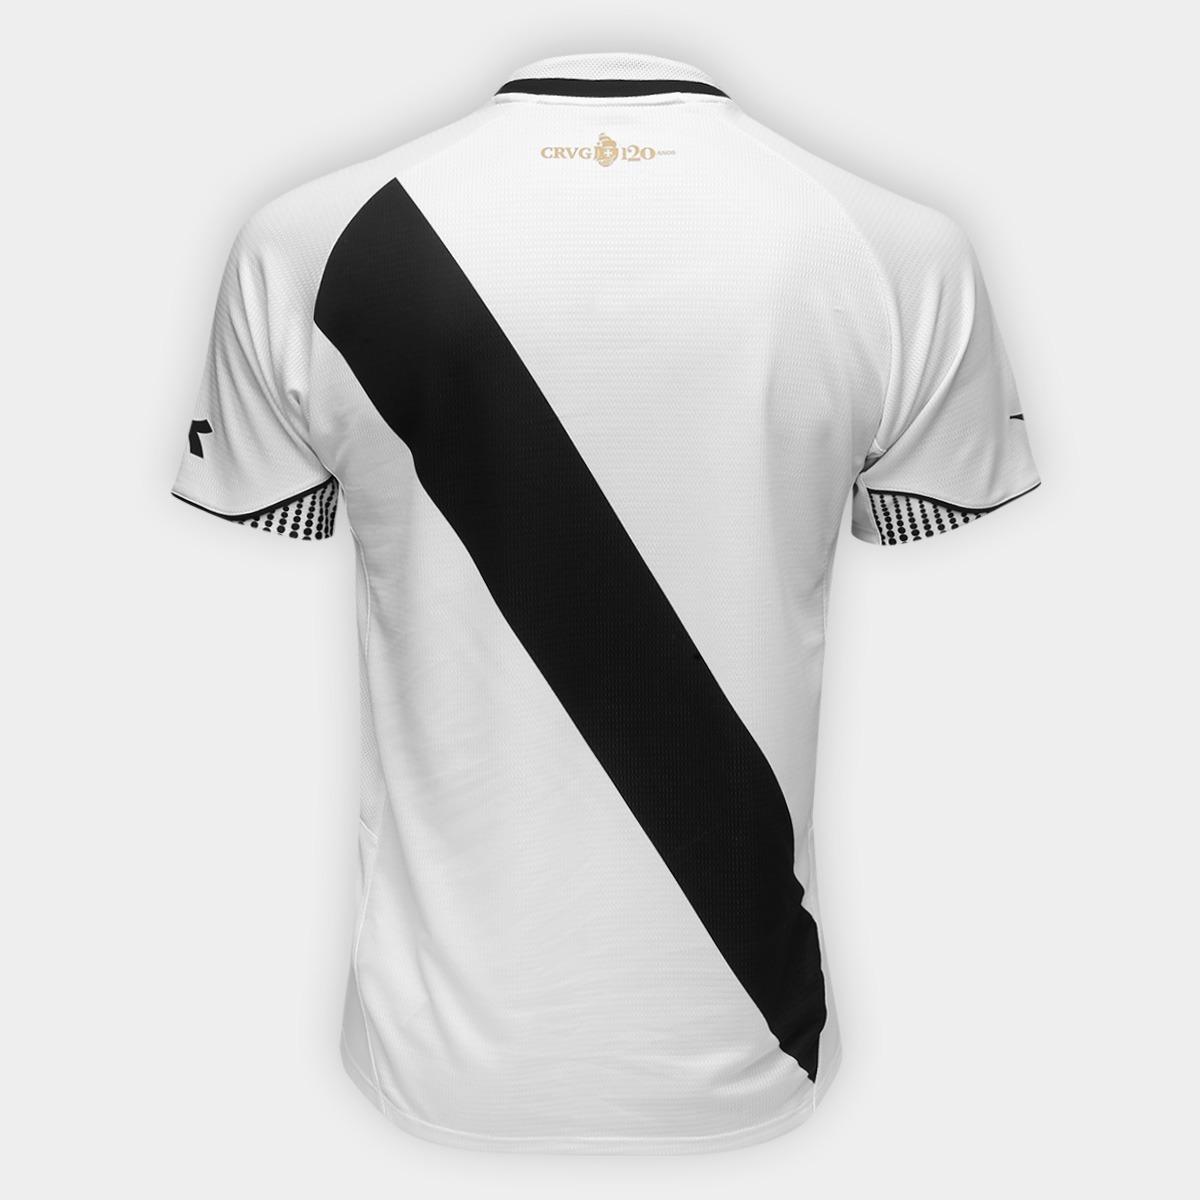 Carregando zoom... camisa vasco da gama diadora 2018 oficial torcedor  masculina 6f63bf1fa0157